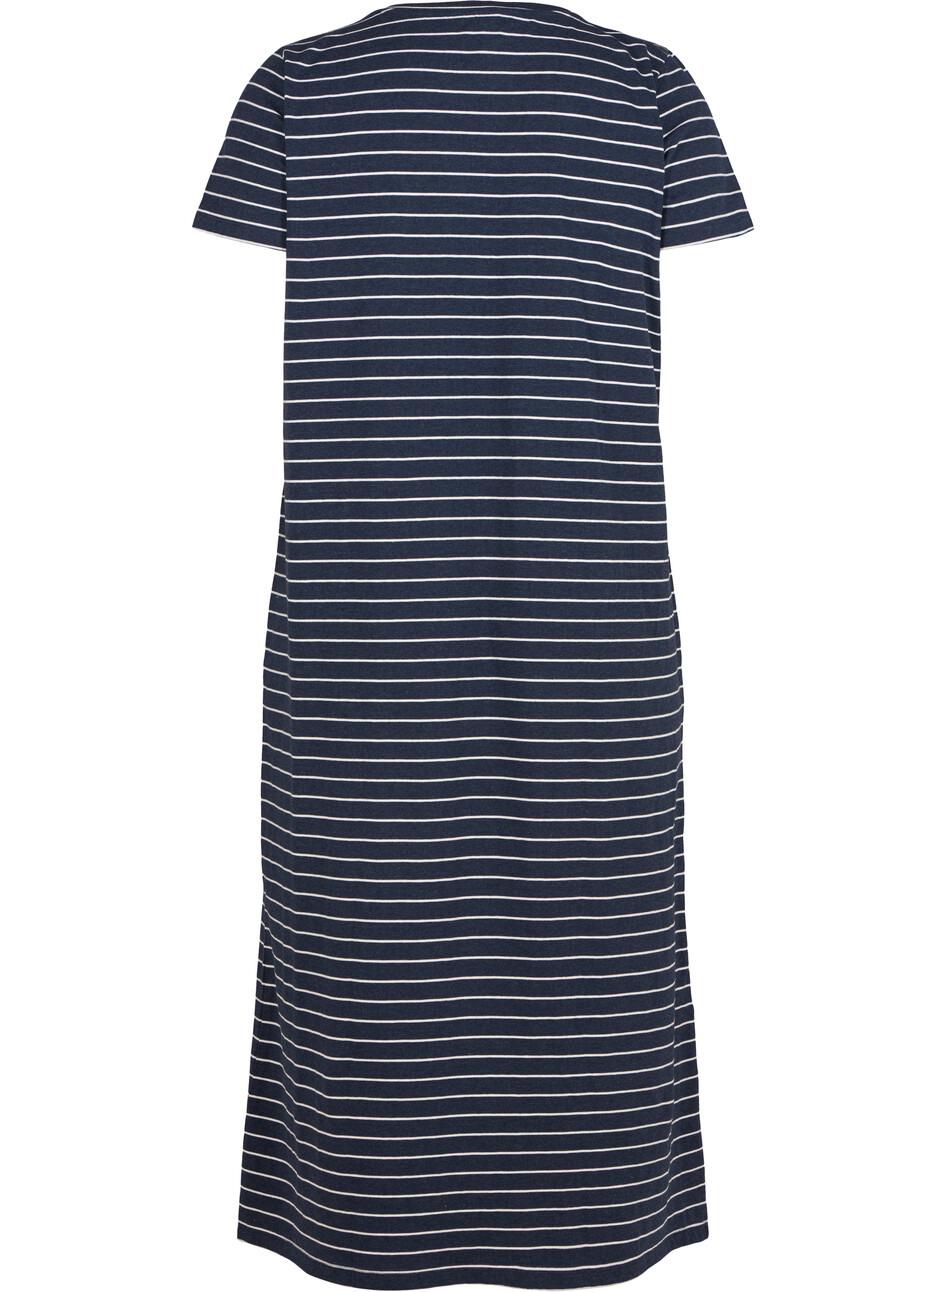 Kleid  Blau  Str 4256  Zizzide